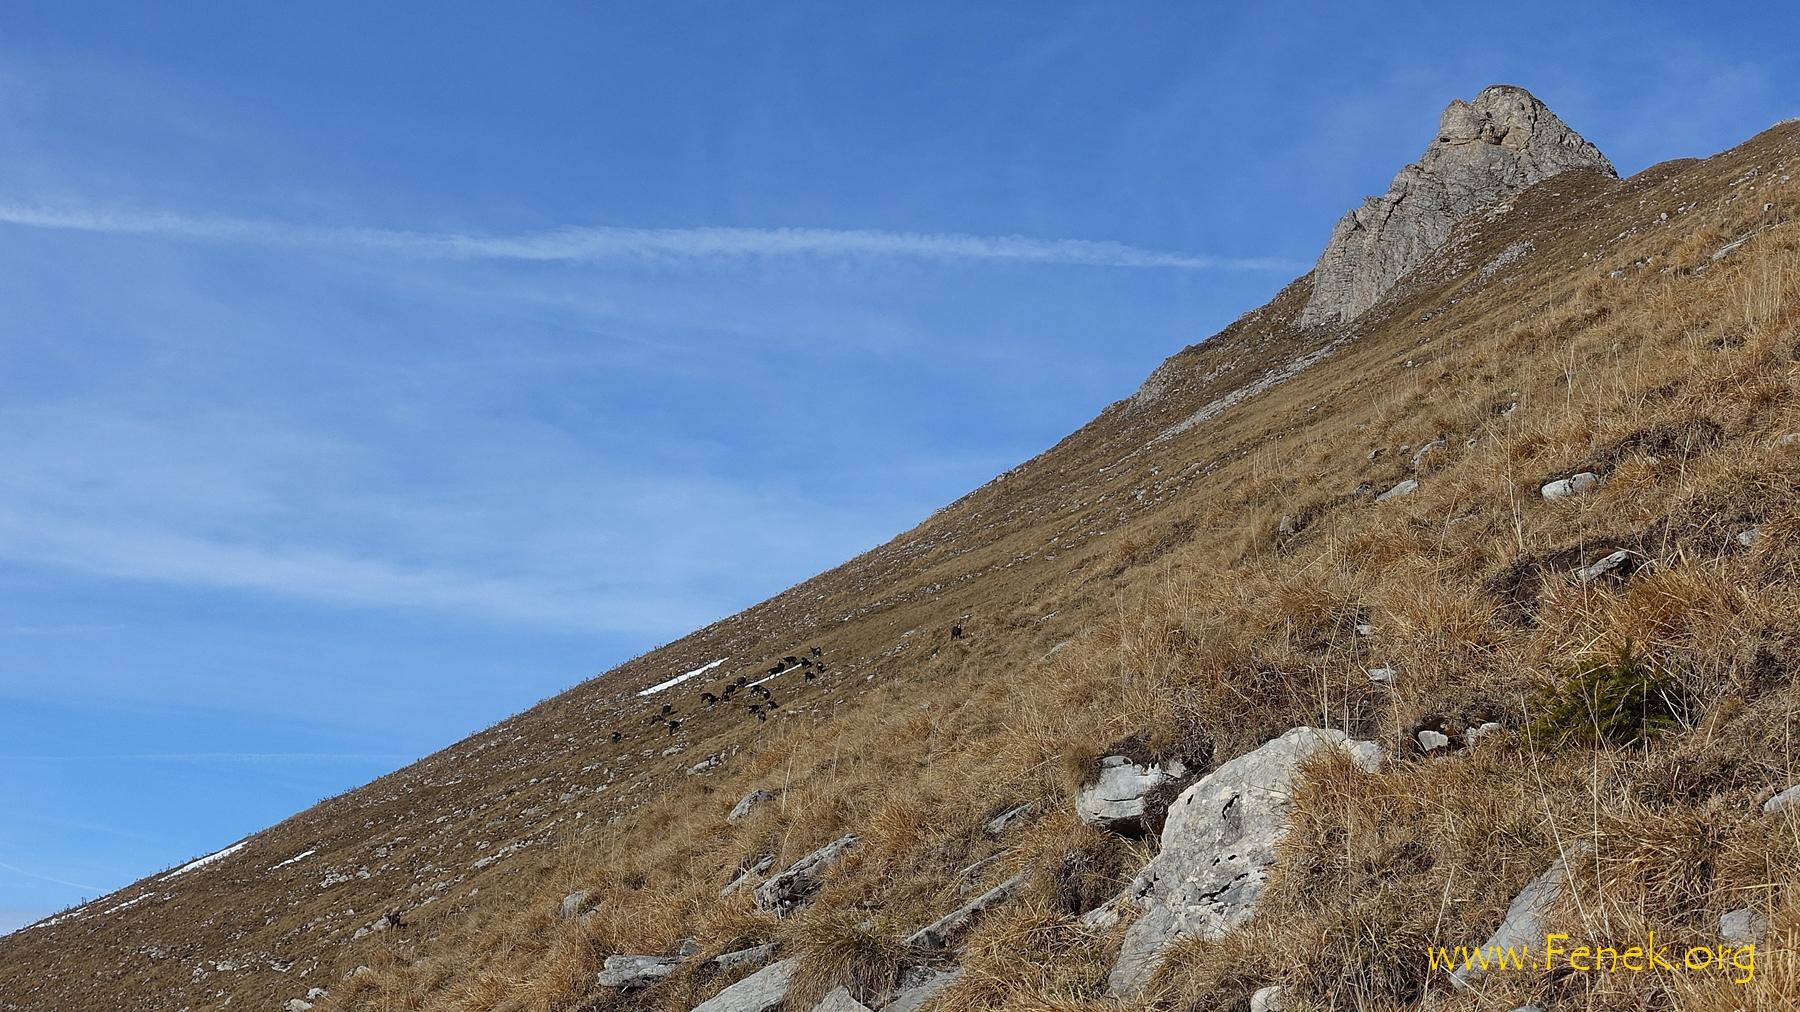 unter dem Gipfel eine Herde Gämsen - gleich werden sie mich bemerken